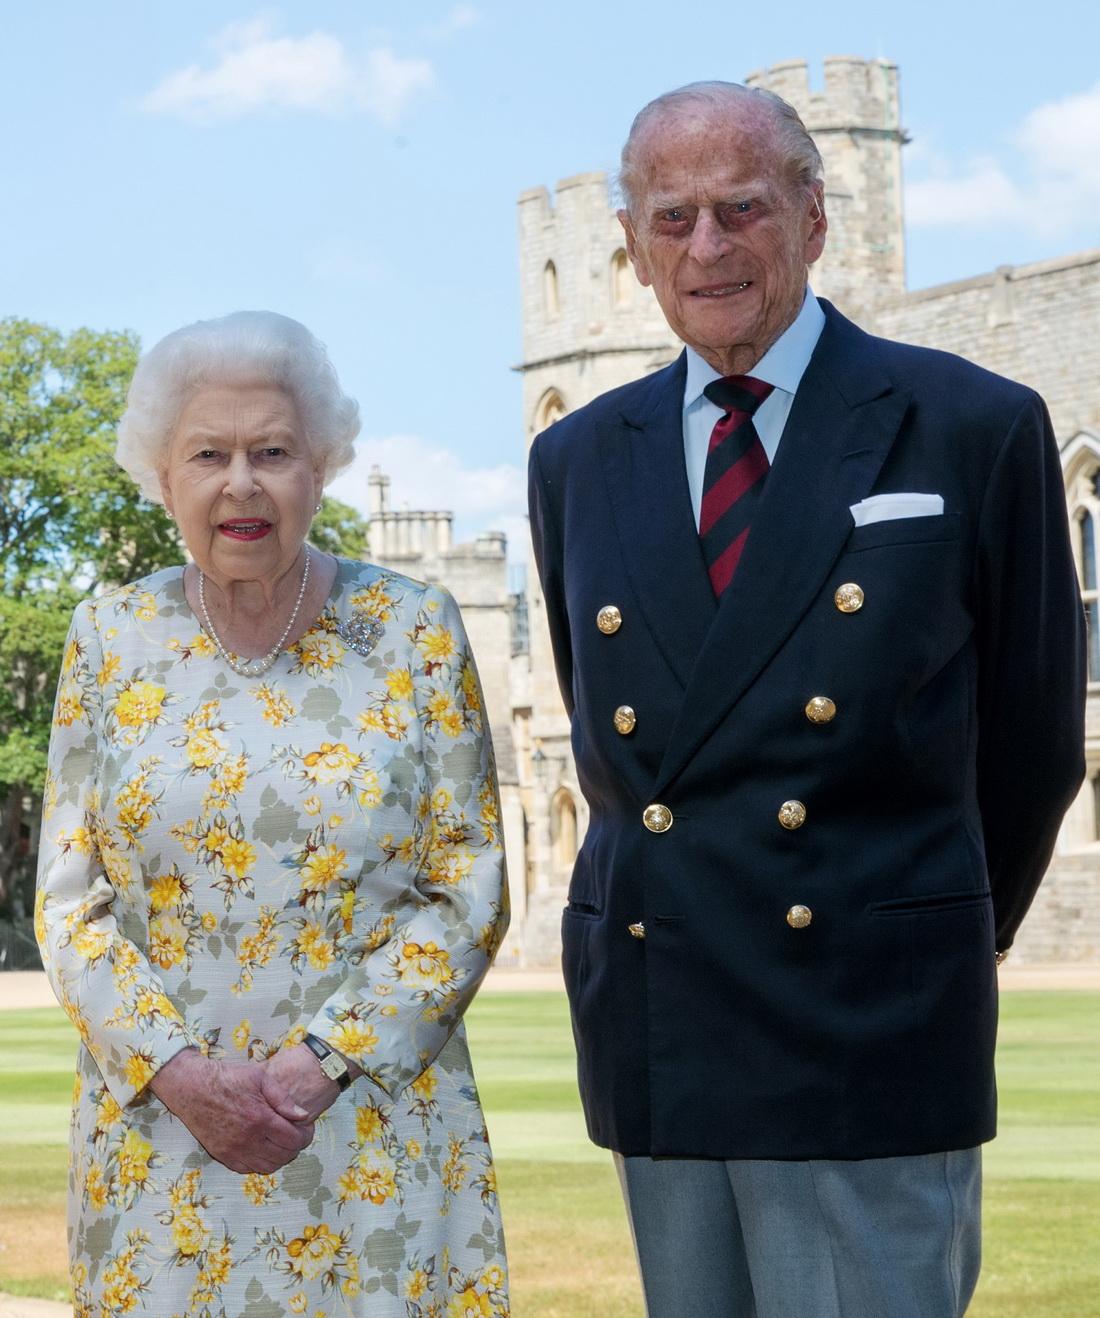 当地时间2020年6月10日是菲利普亲王99周岁的生日,英国白金汉宫发布了女王伊丽莎白二世和菲利普亲王的新照片。这张照片于6月1日摄于温莎城堡。